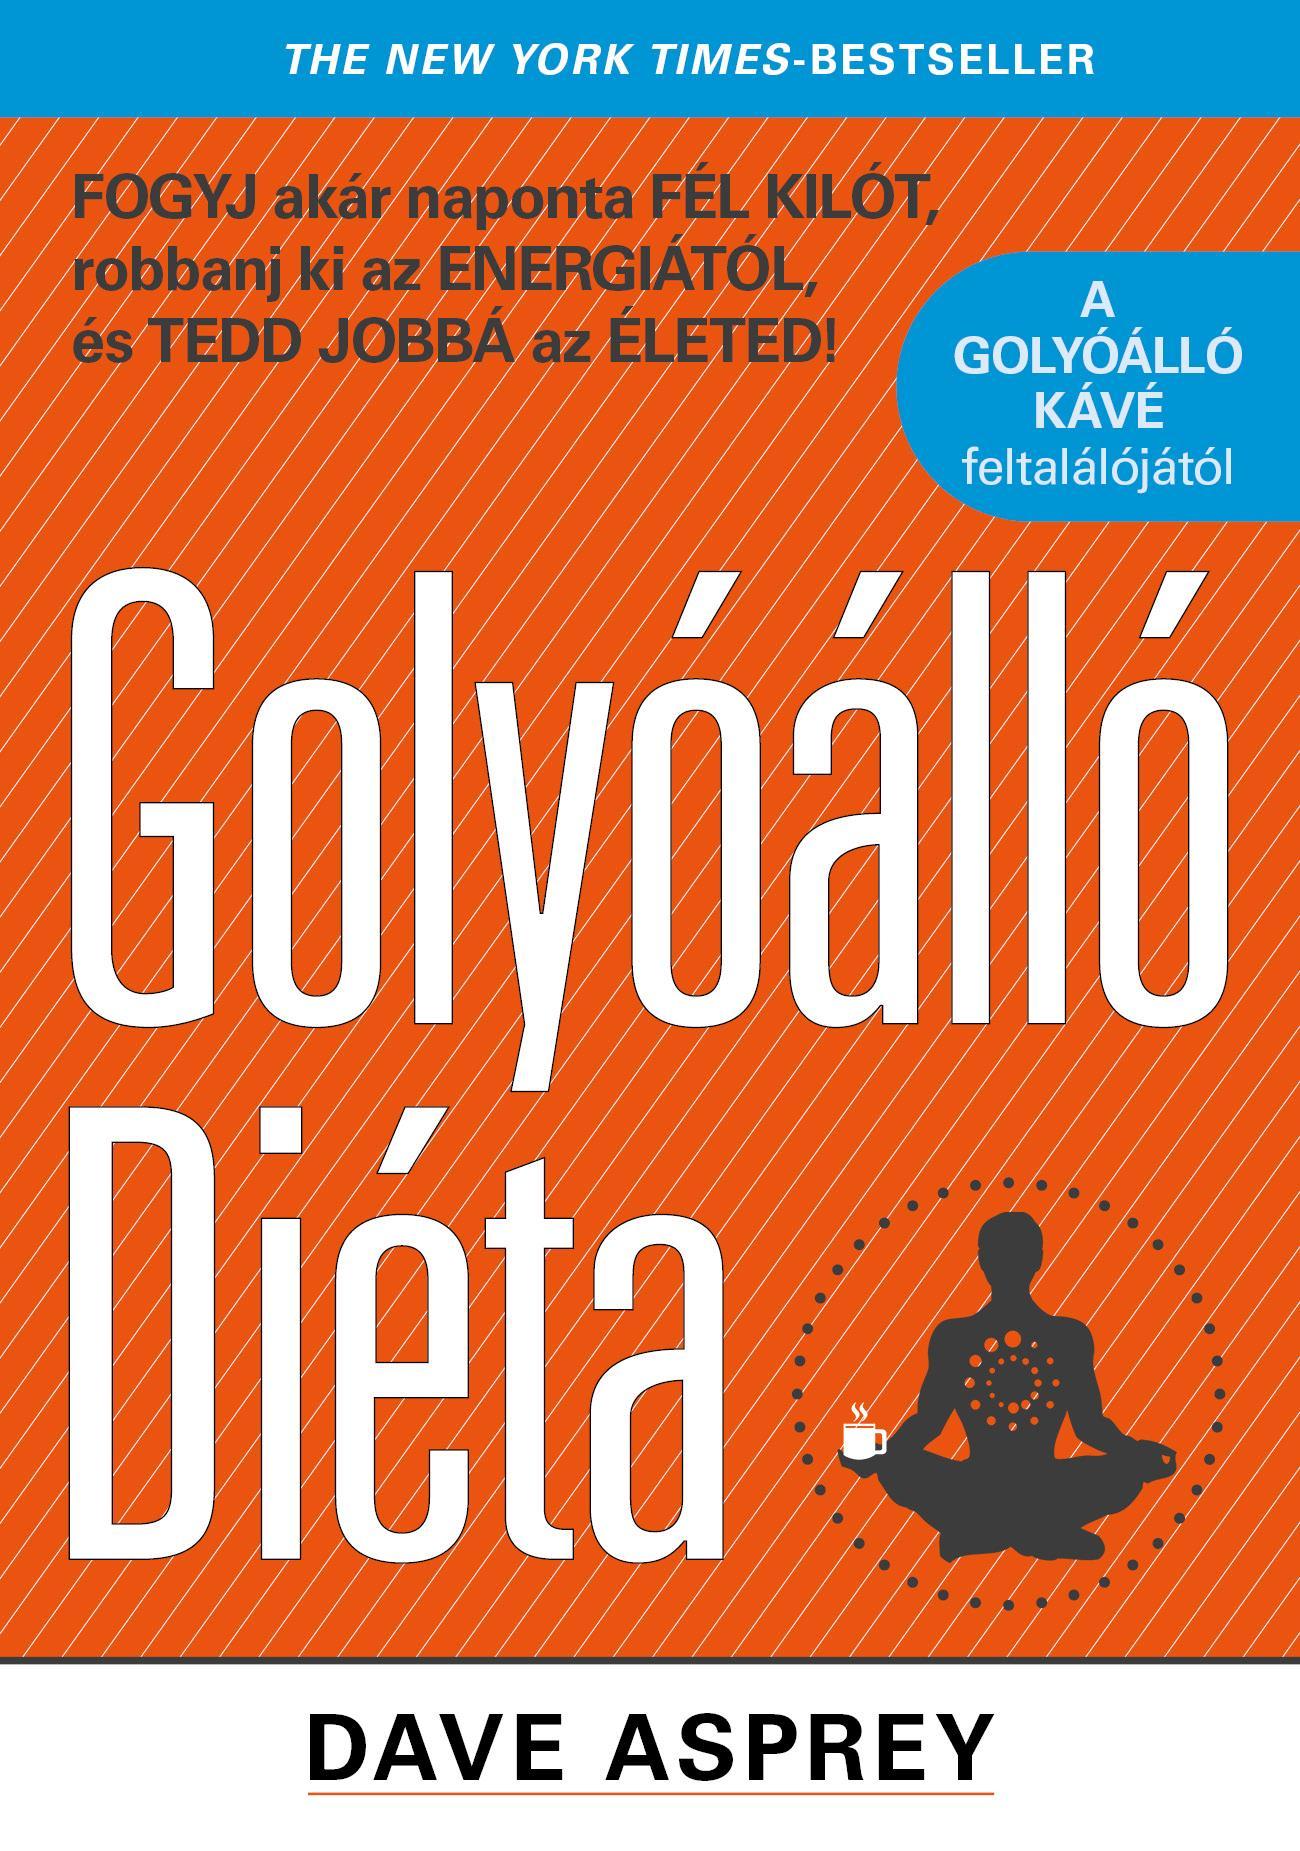 GOLYÓÁLLÓ DIÉTA